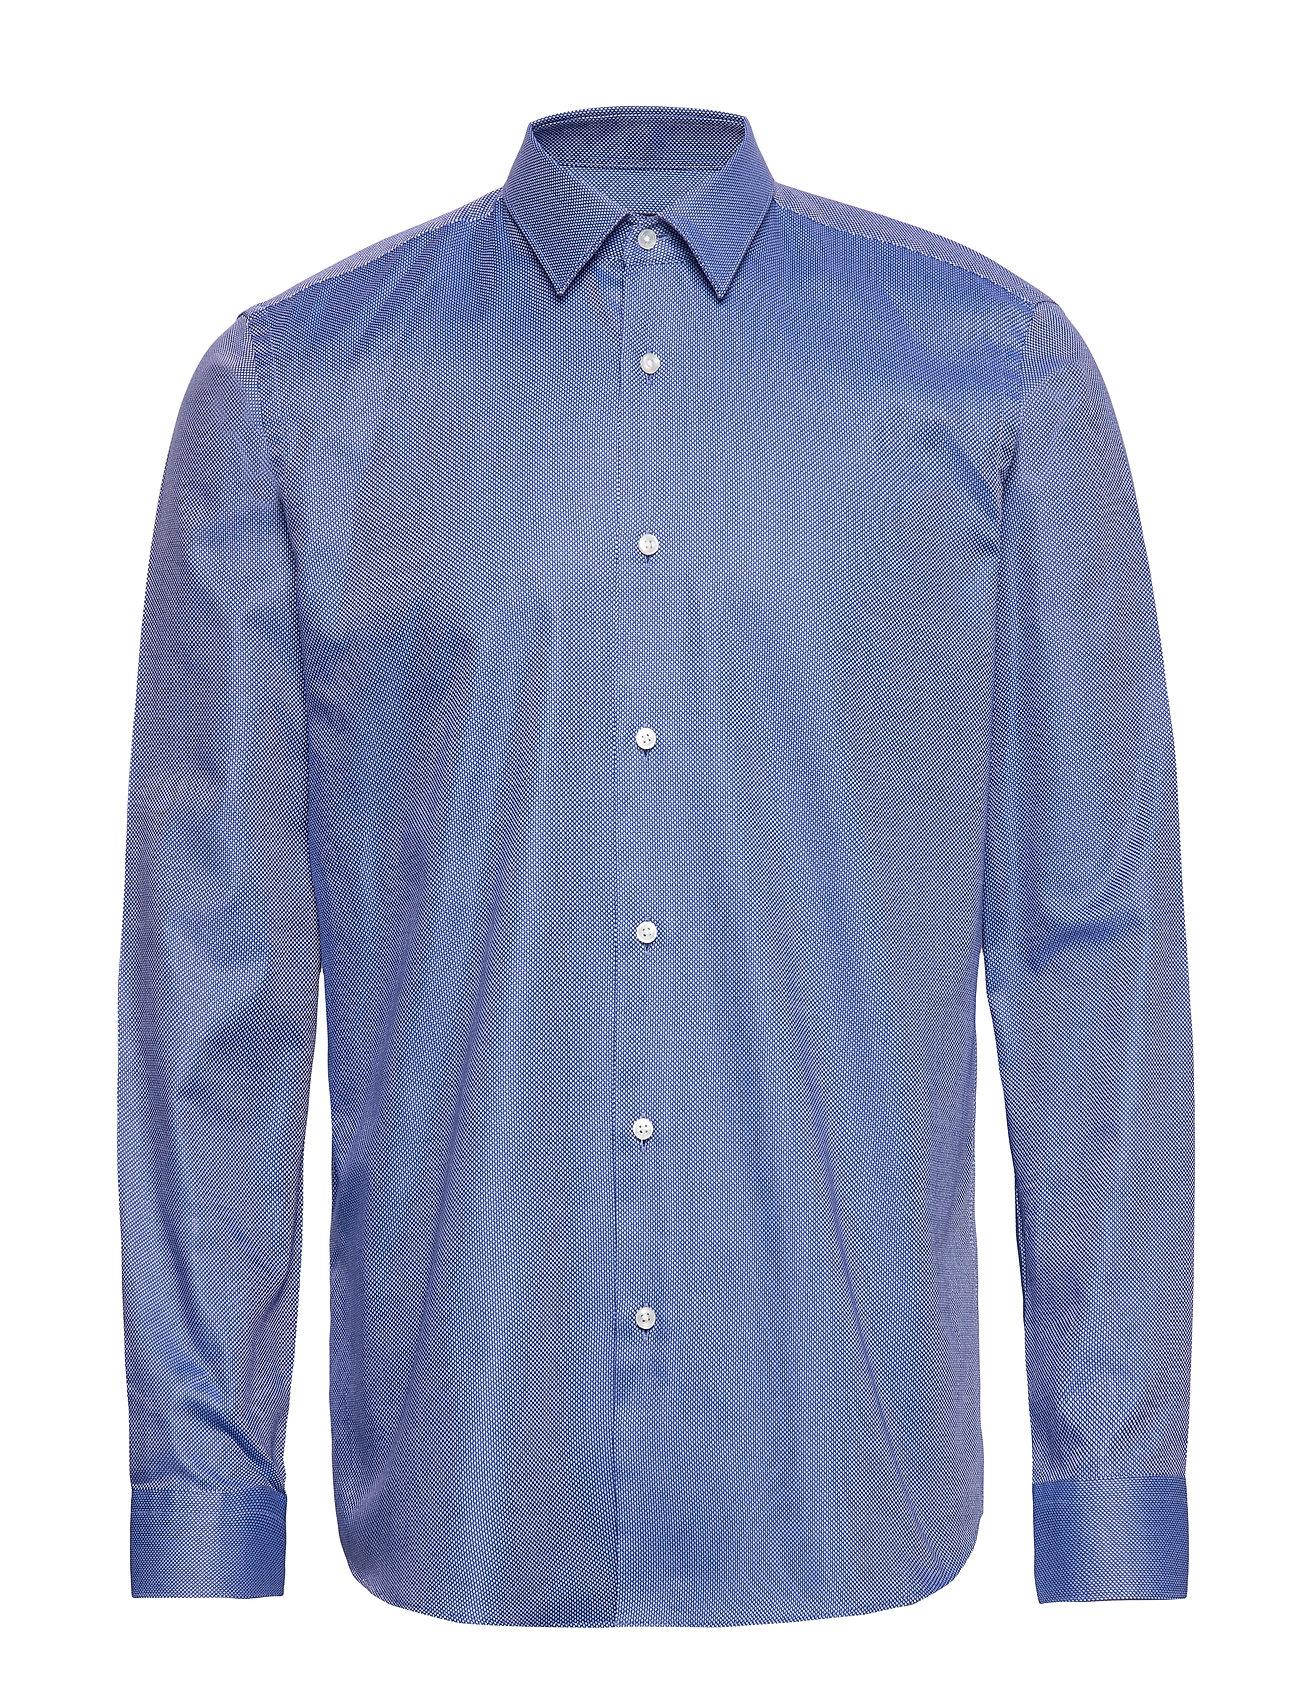 BOSS Business Wear Eliott - MEDIUM BLUE